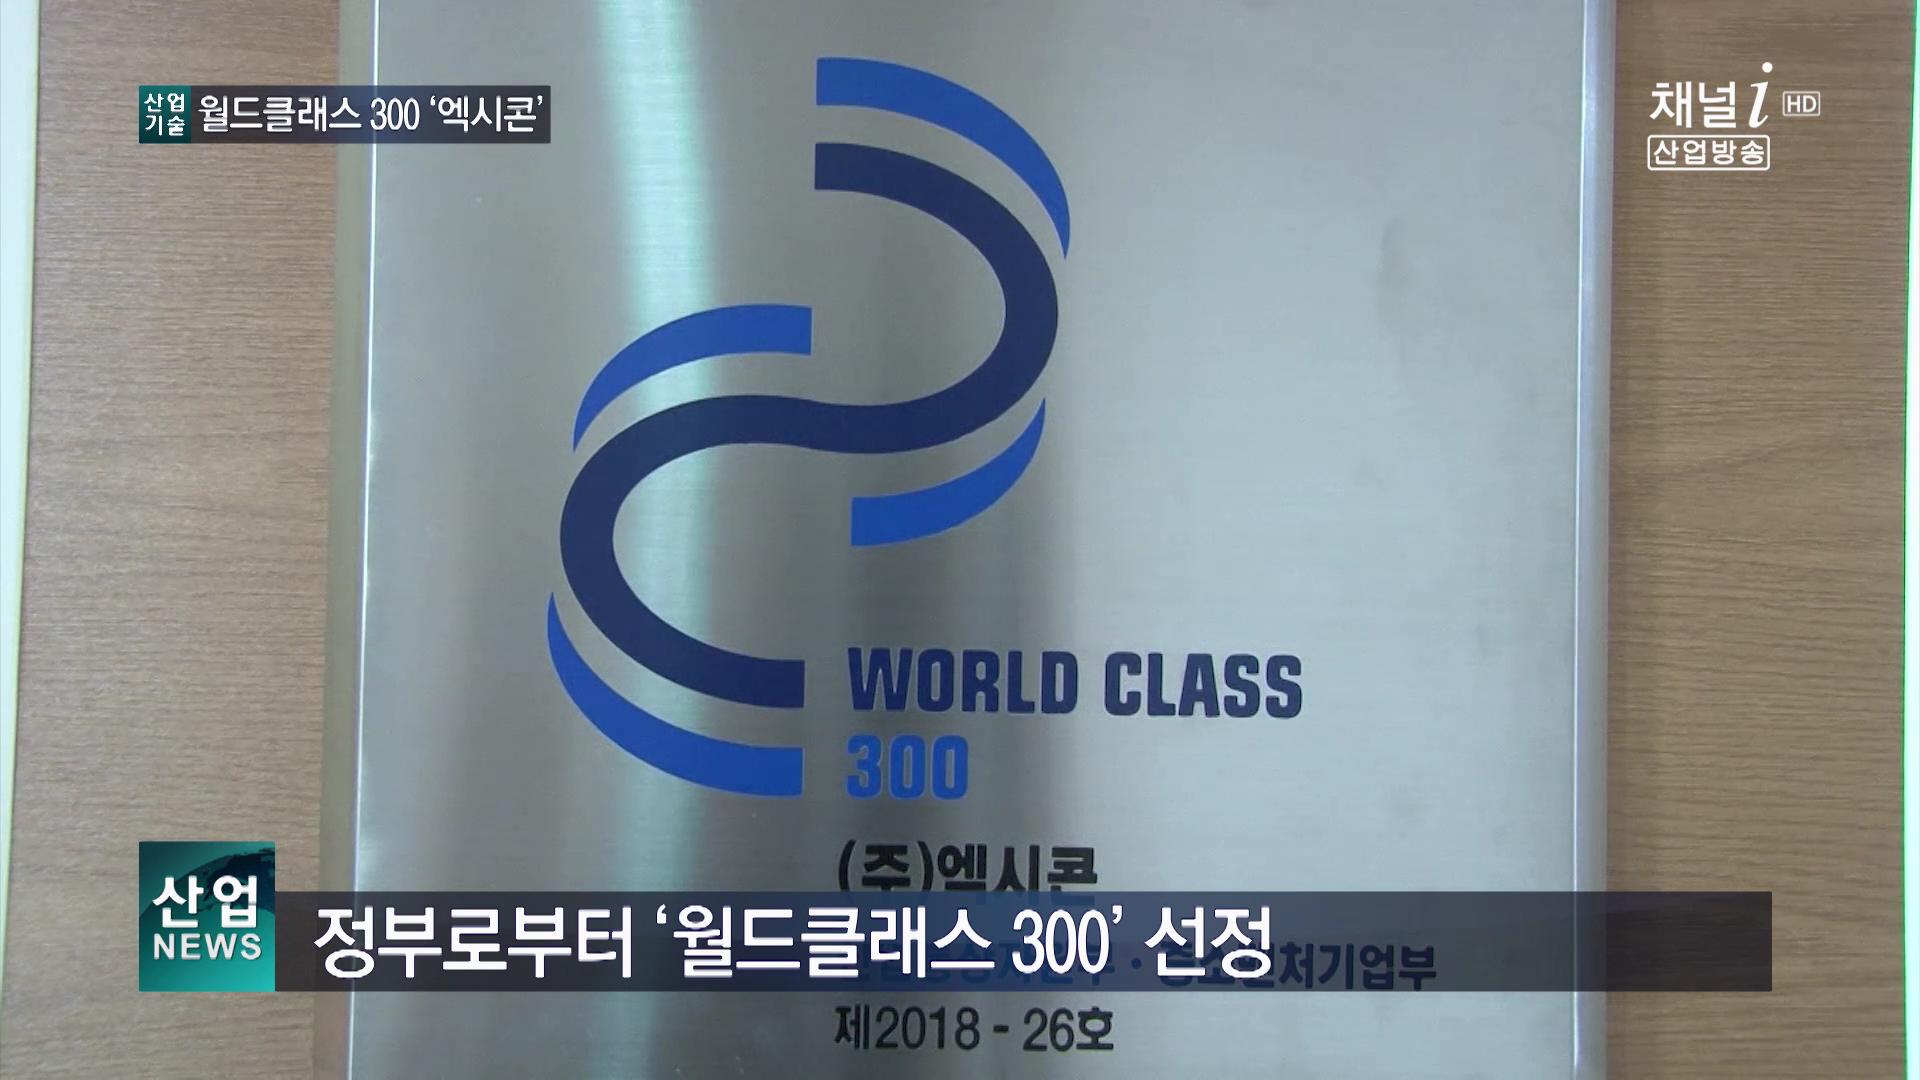 산업방송 채널i 월드클래스300 썸네일